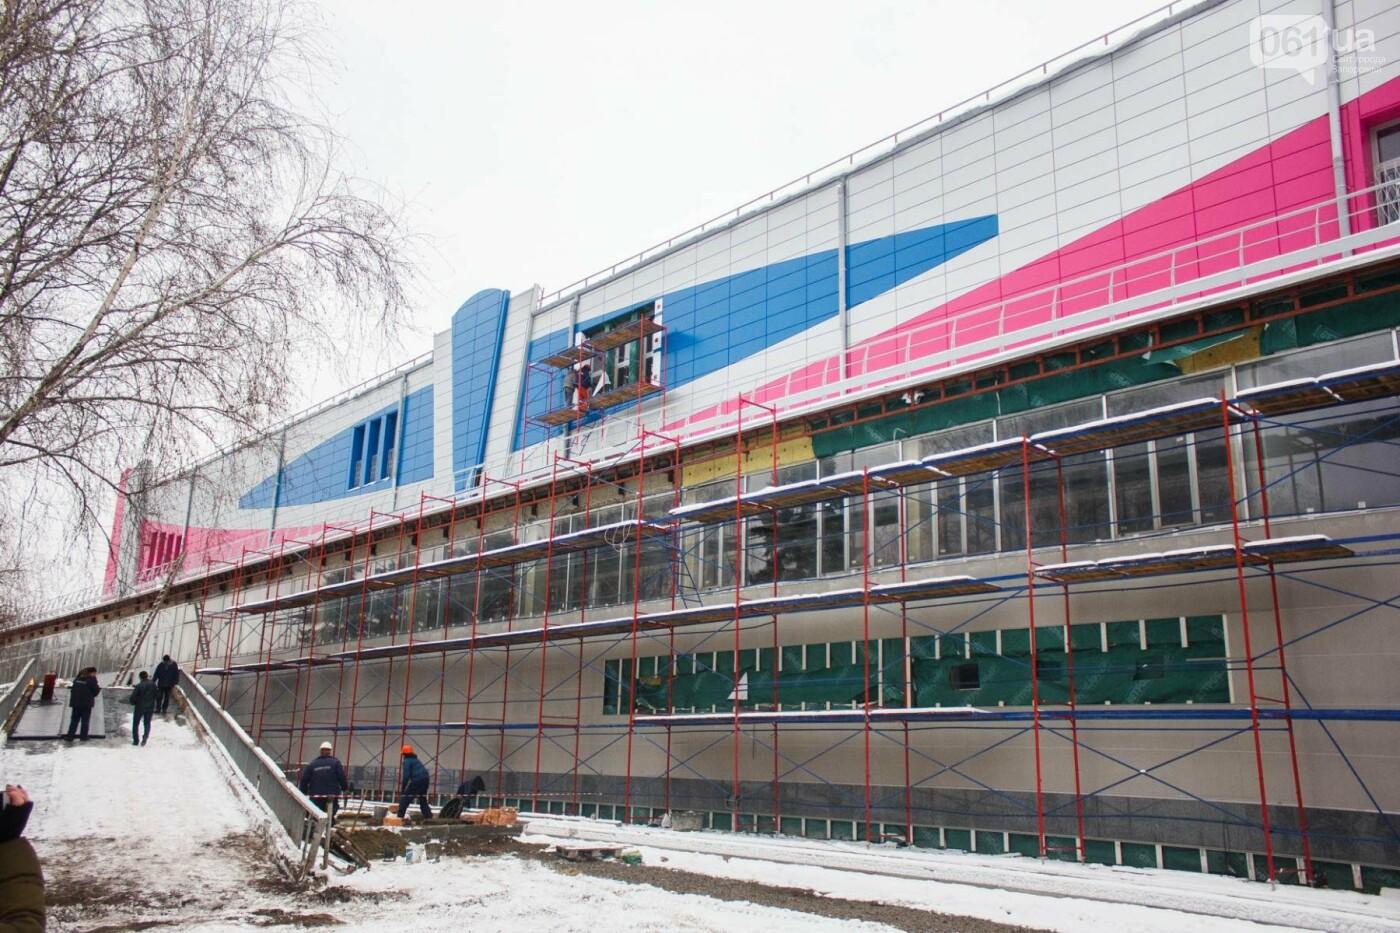 """В Запорожье подходит к концу реконструкция """"Юности"""": что сделали за 11 месяцев работы, — ФОТОРЕПОРТАЖ, фото-14"""